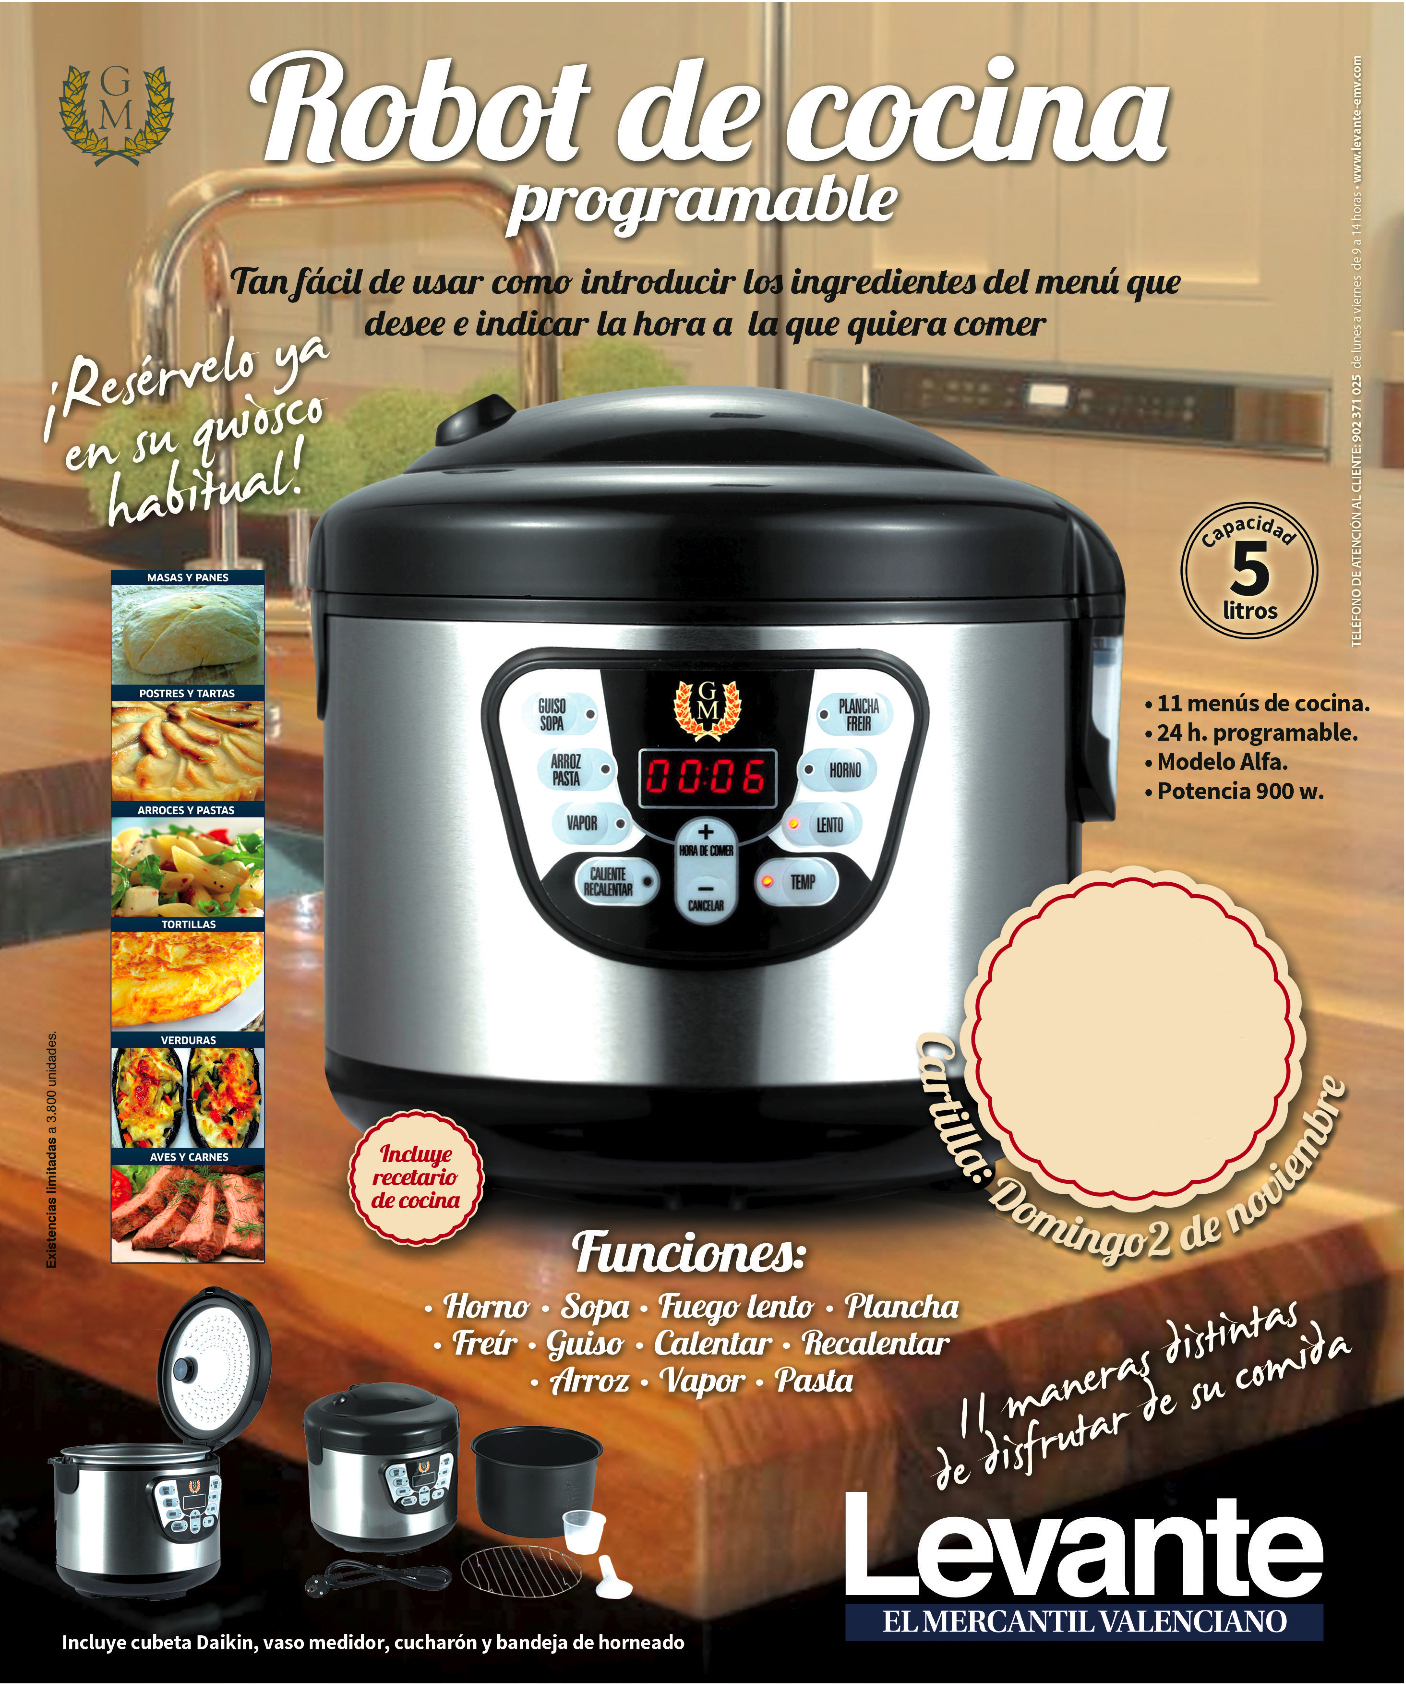 Gm medios ollas gm for Robot cocina programable